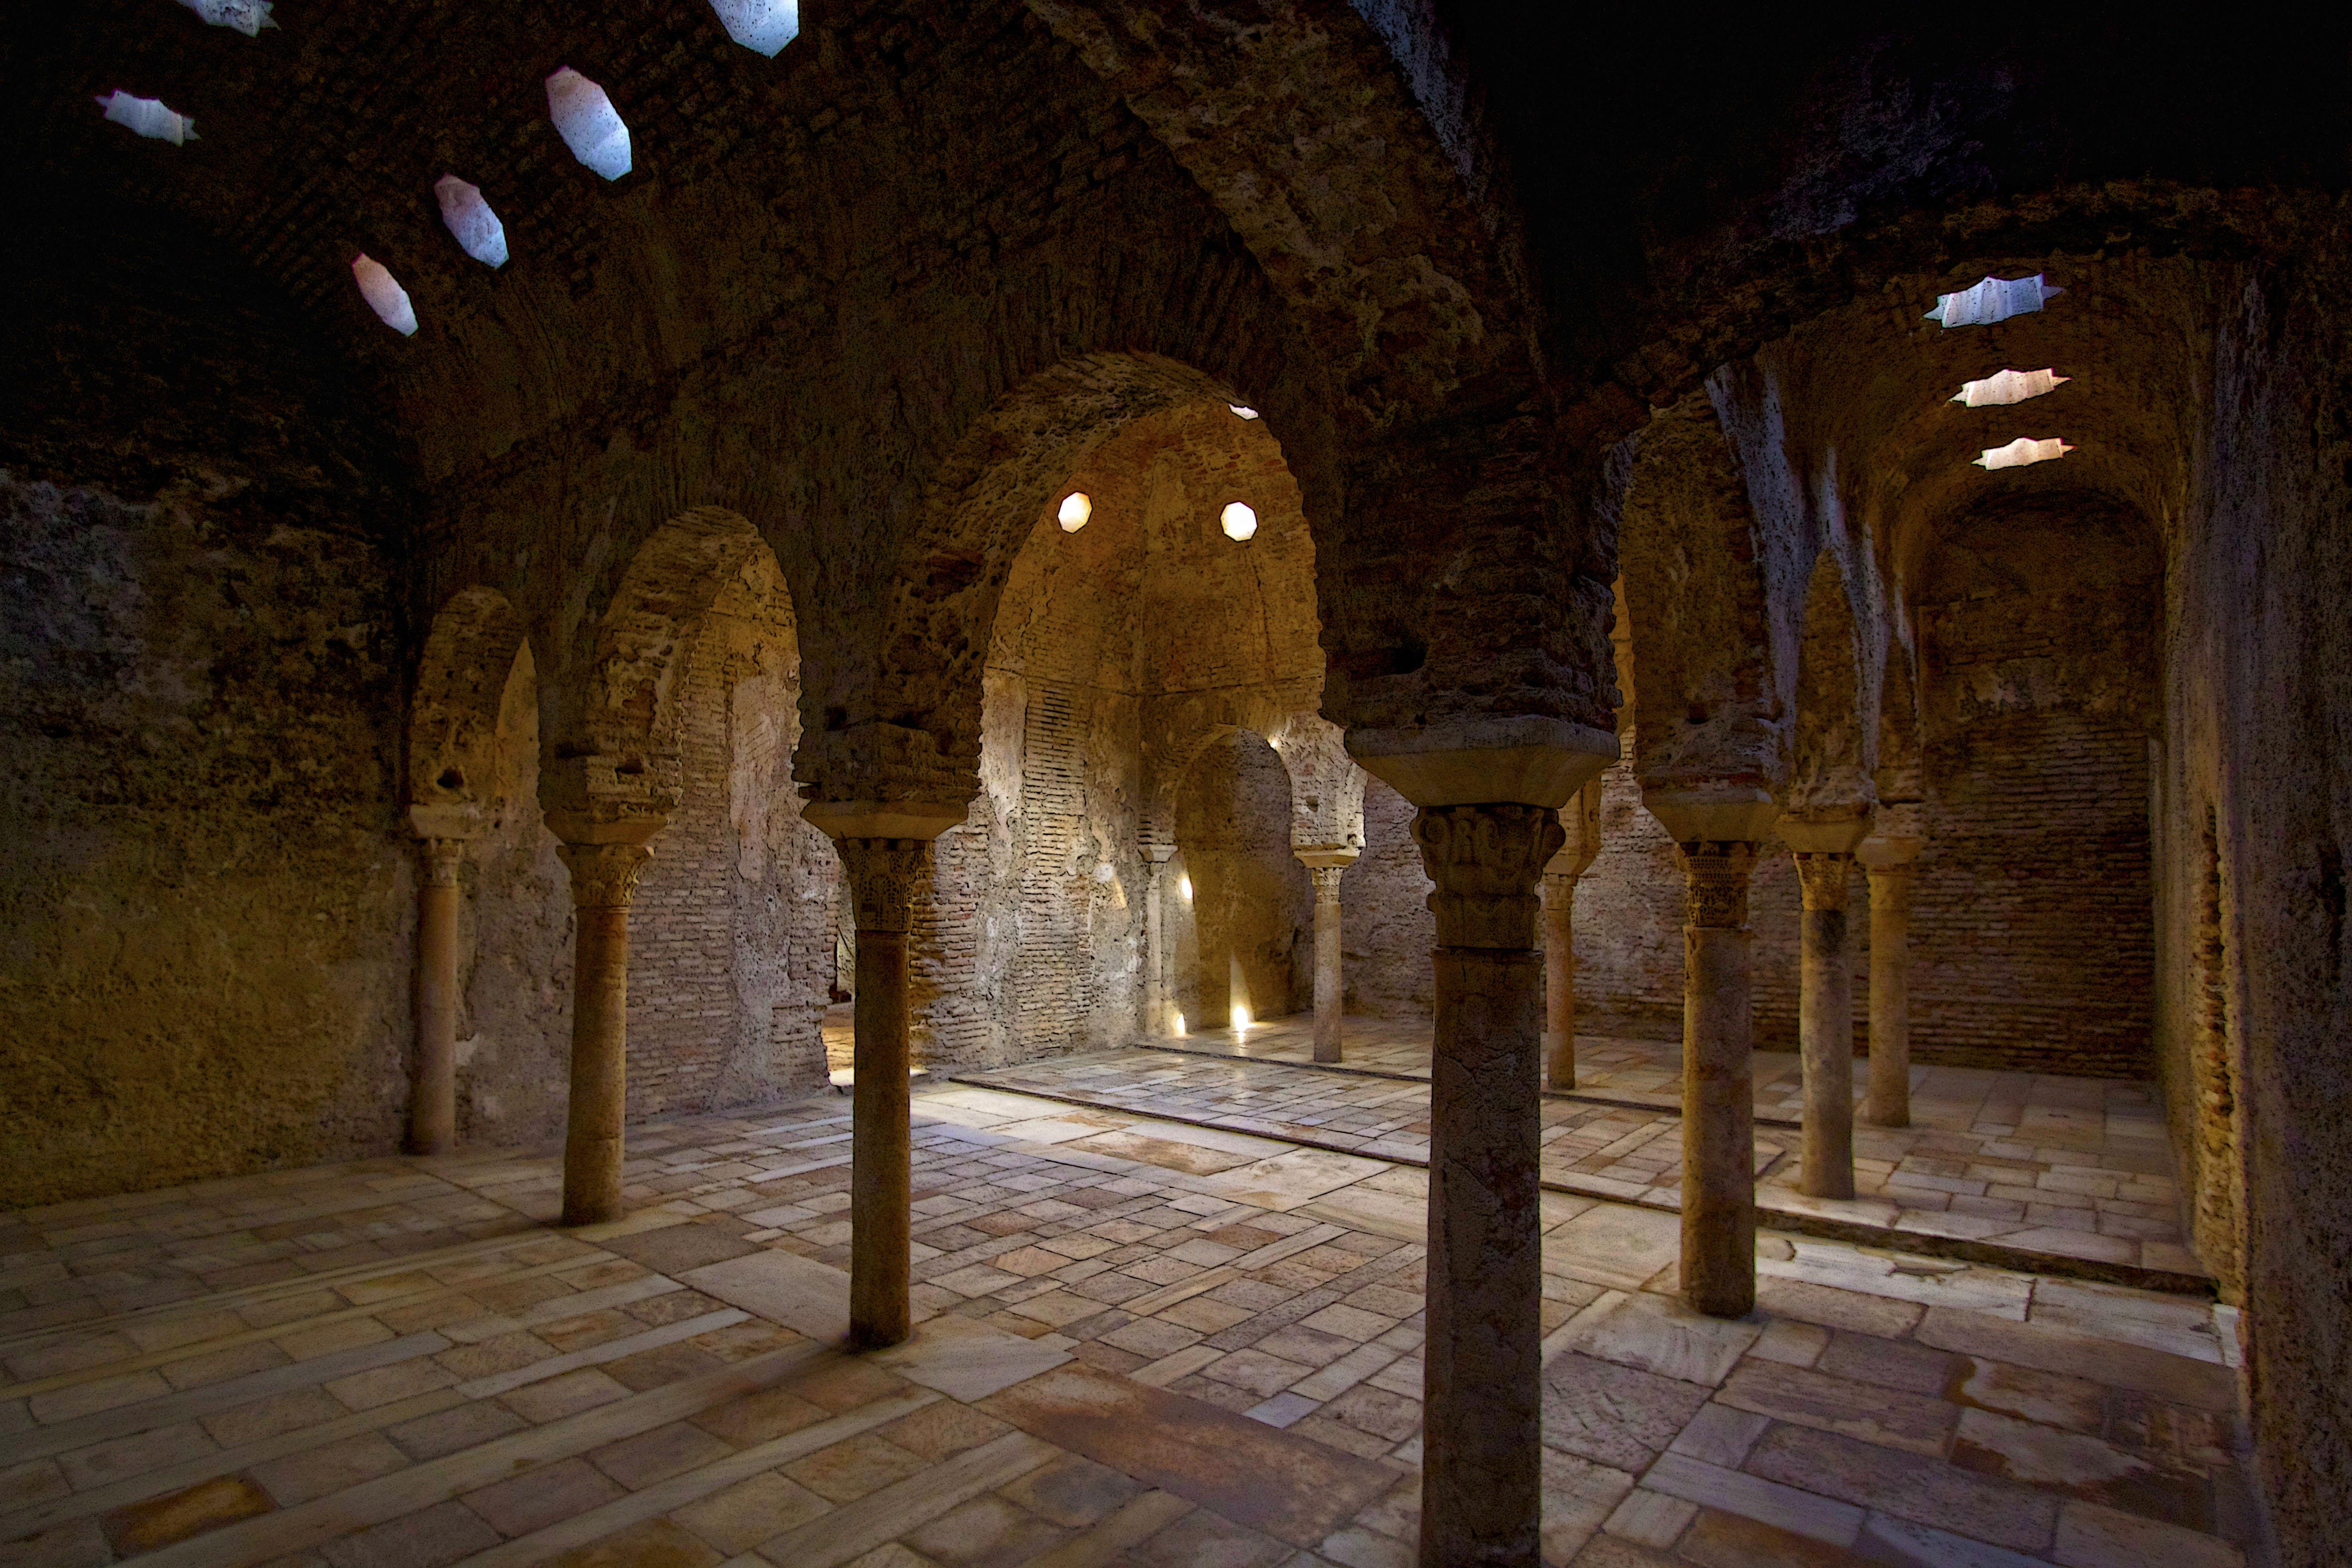 Ofertas Baños Arabes Granada | Banos Arabes Fotos De Granada Monumental